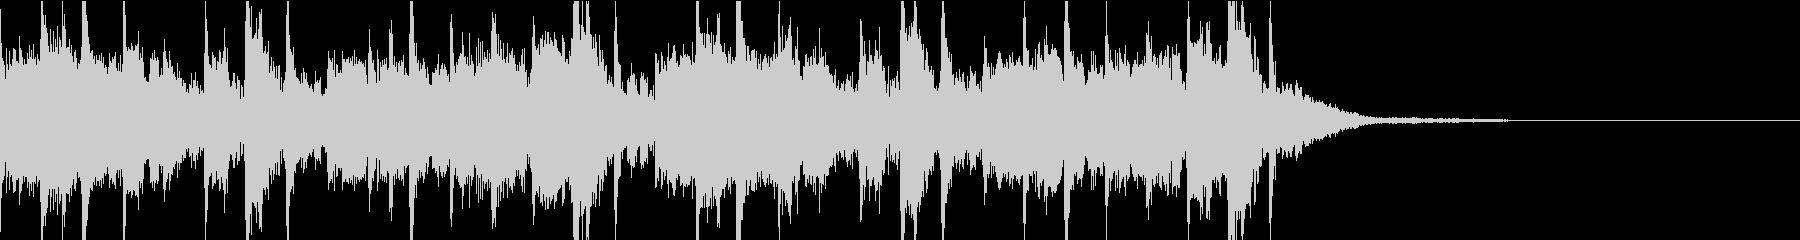 場面転換に使えるオシャレなジングルの未再生の波形